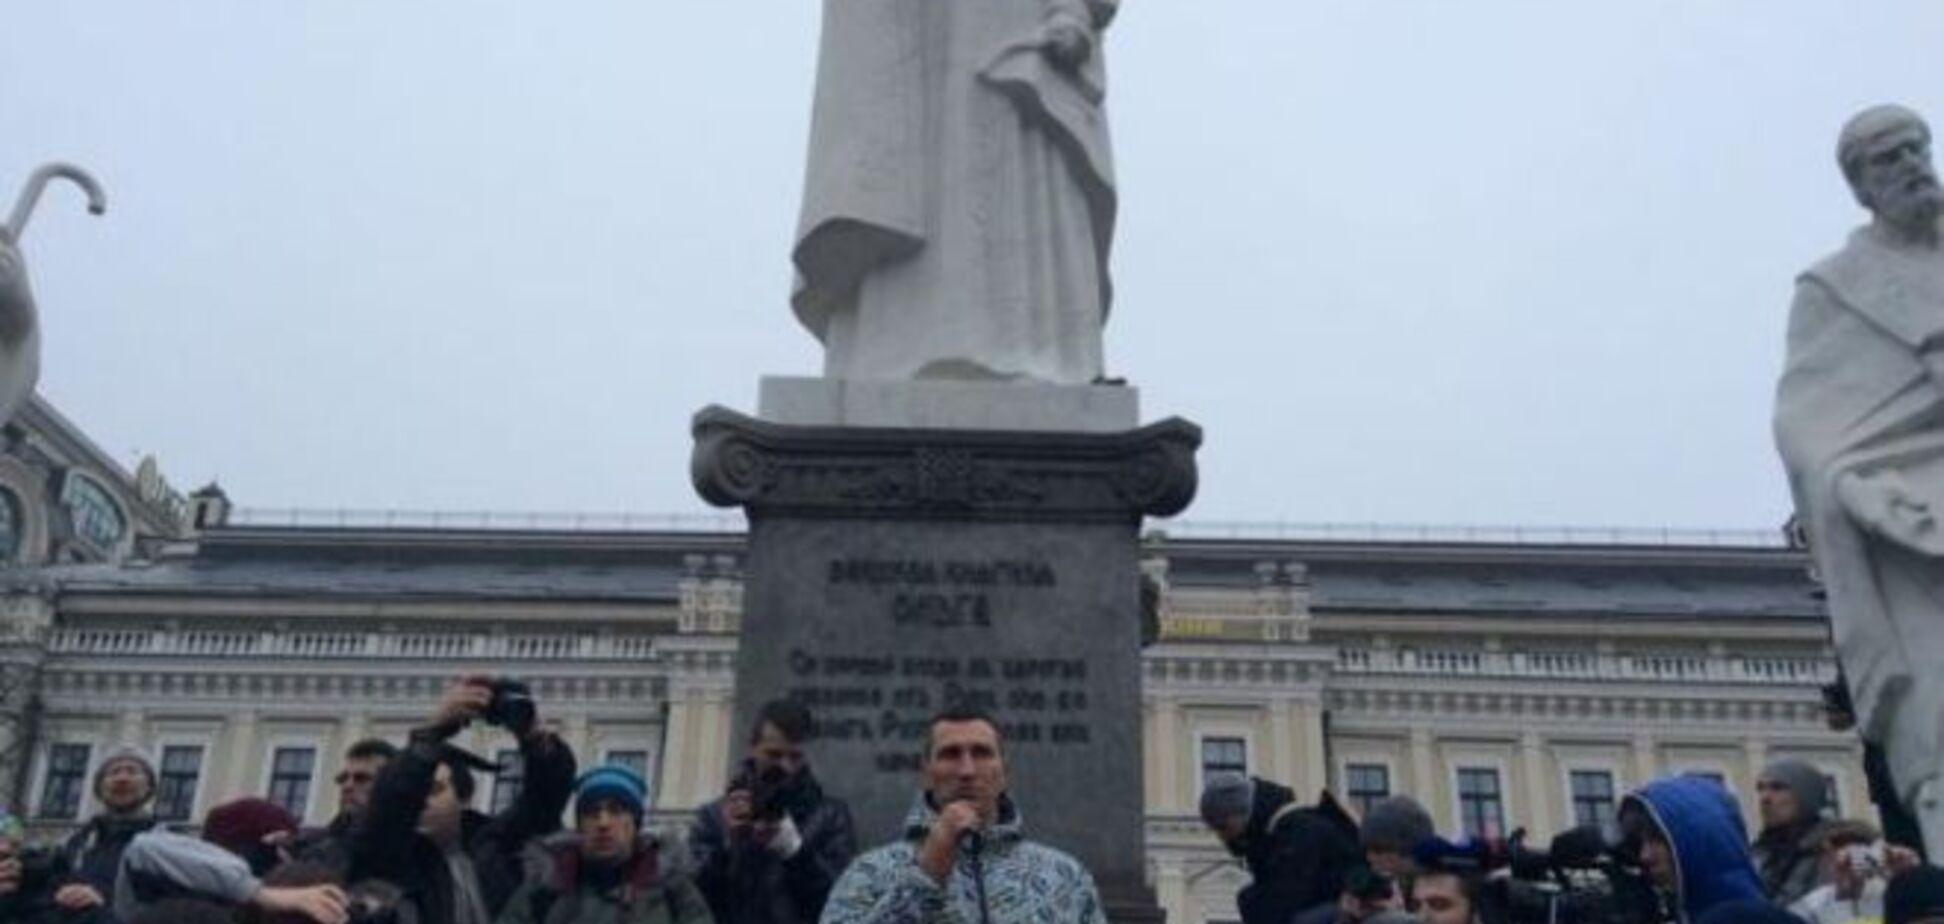 Братья Кличко почтили память жертв теракта под Волновахой: опубликованы фото